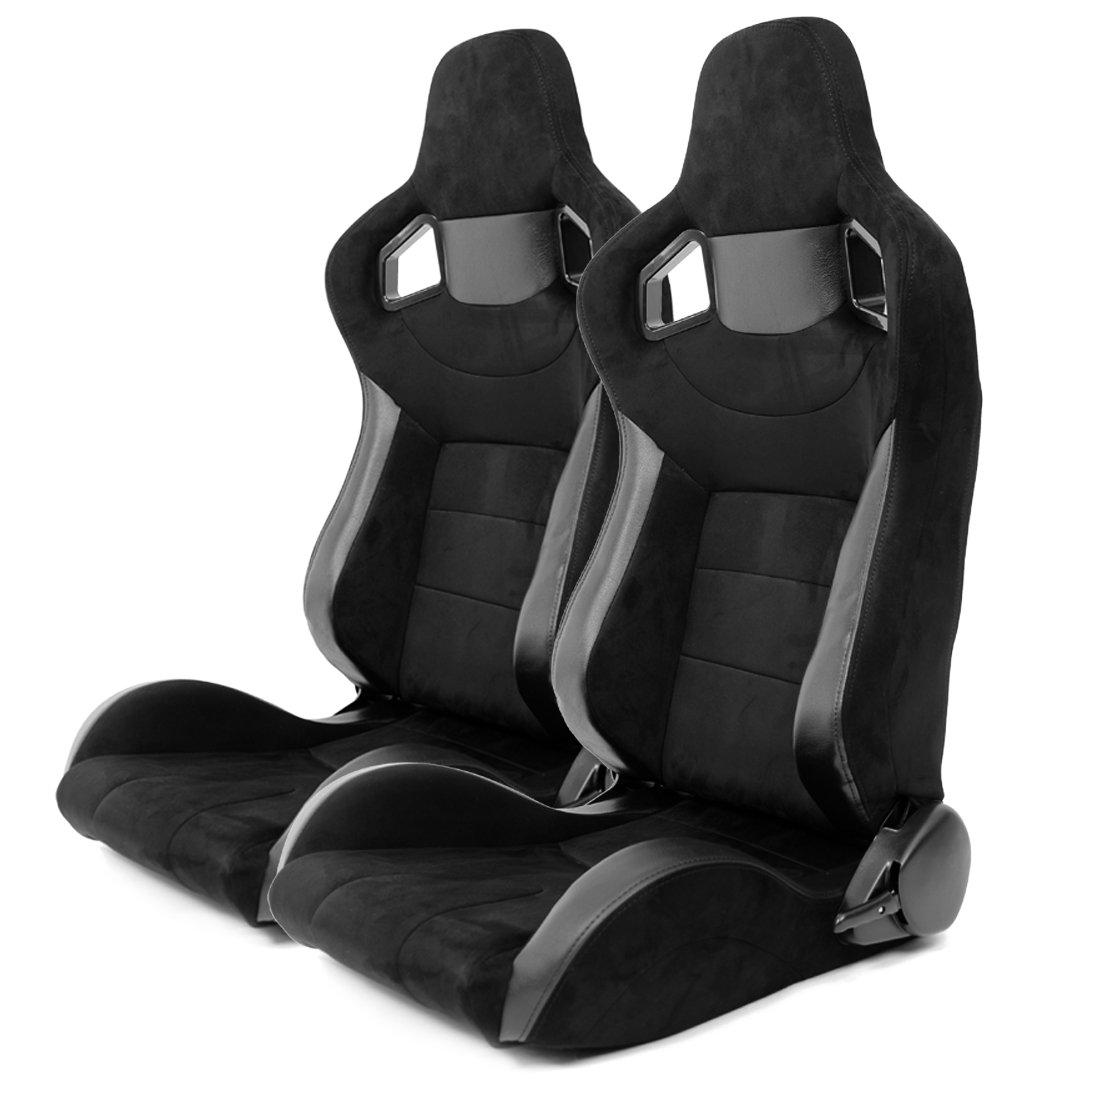 2/Sedili auto sportivi colore nero in similpelle e similalcantara